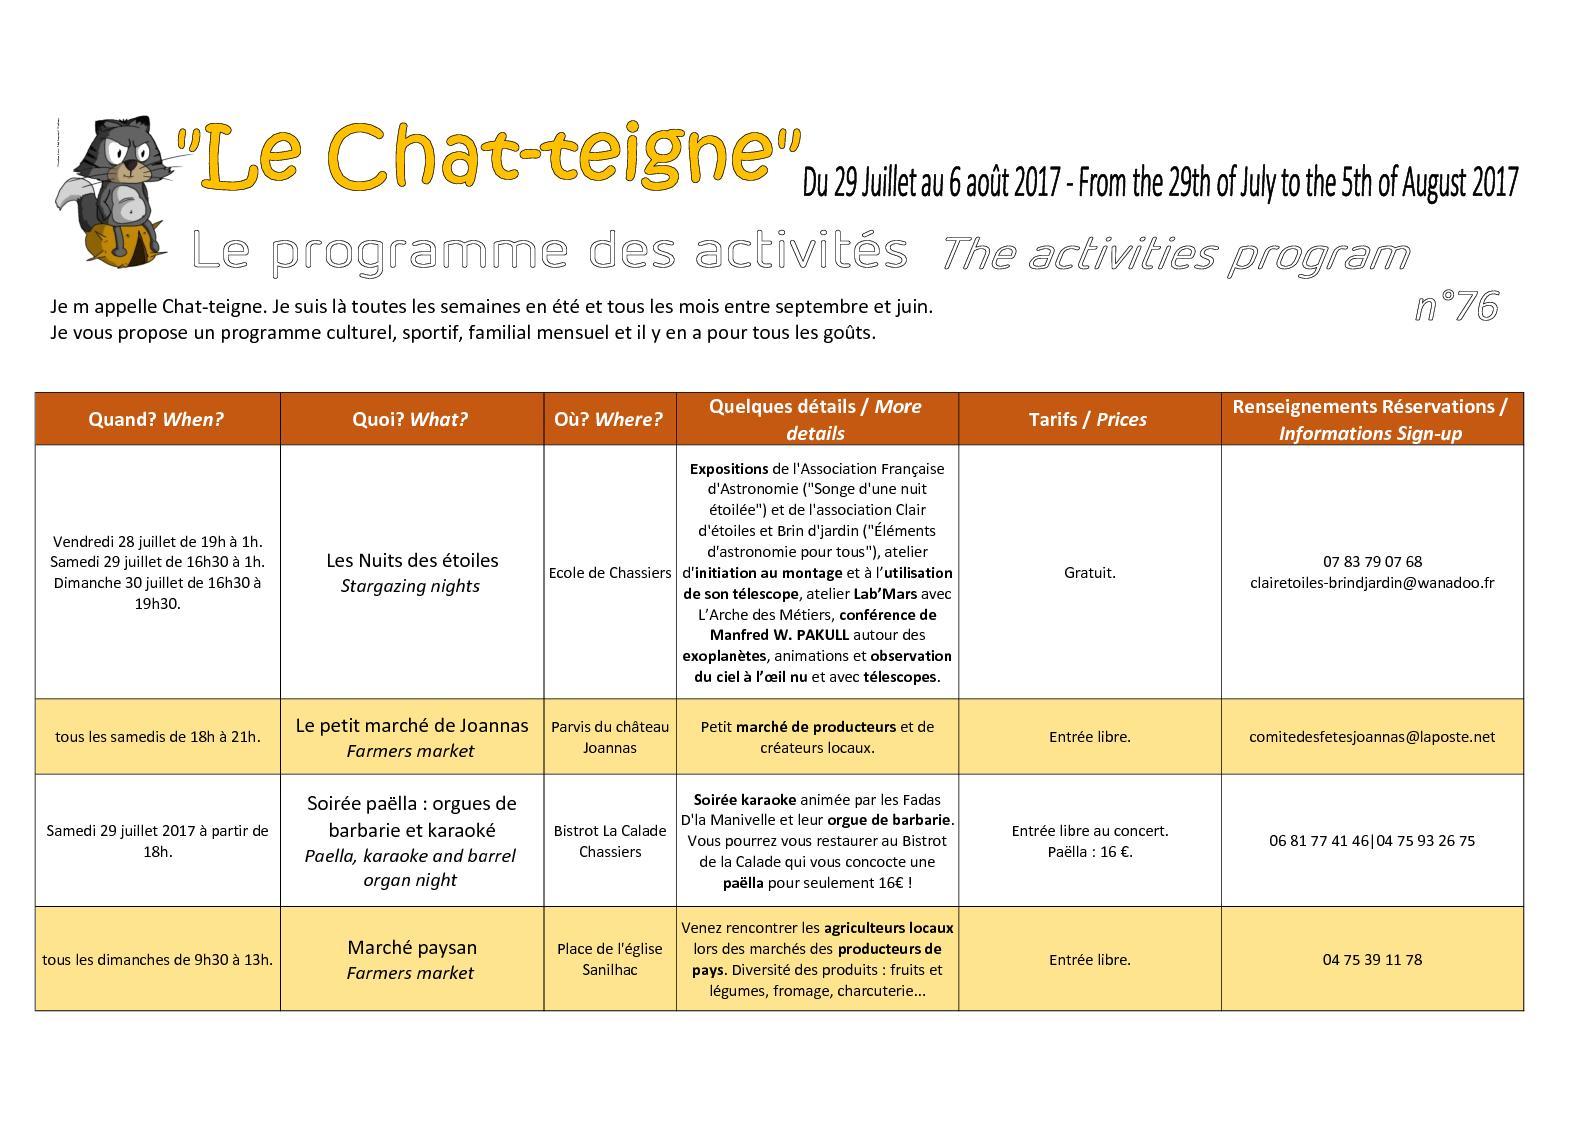 Programme affiliation site de rencontre